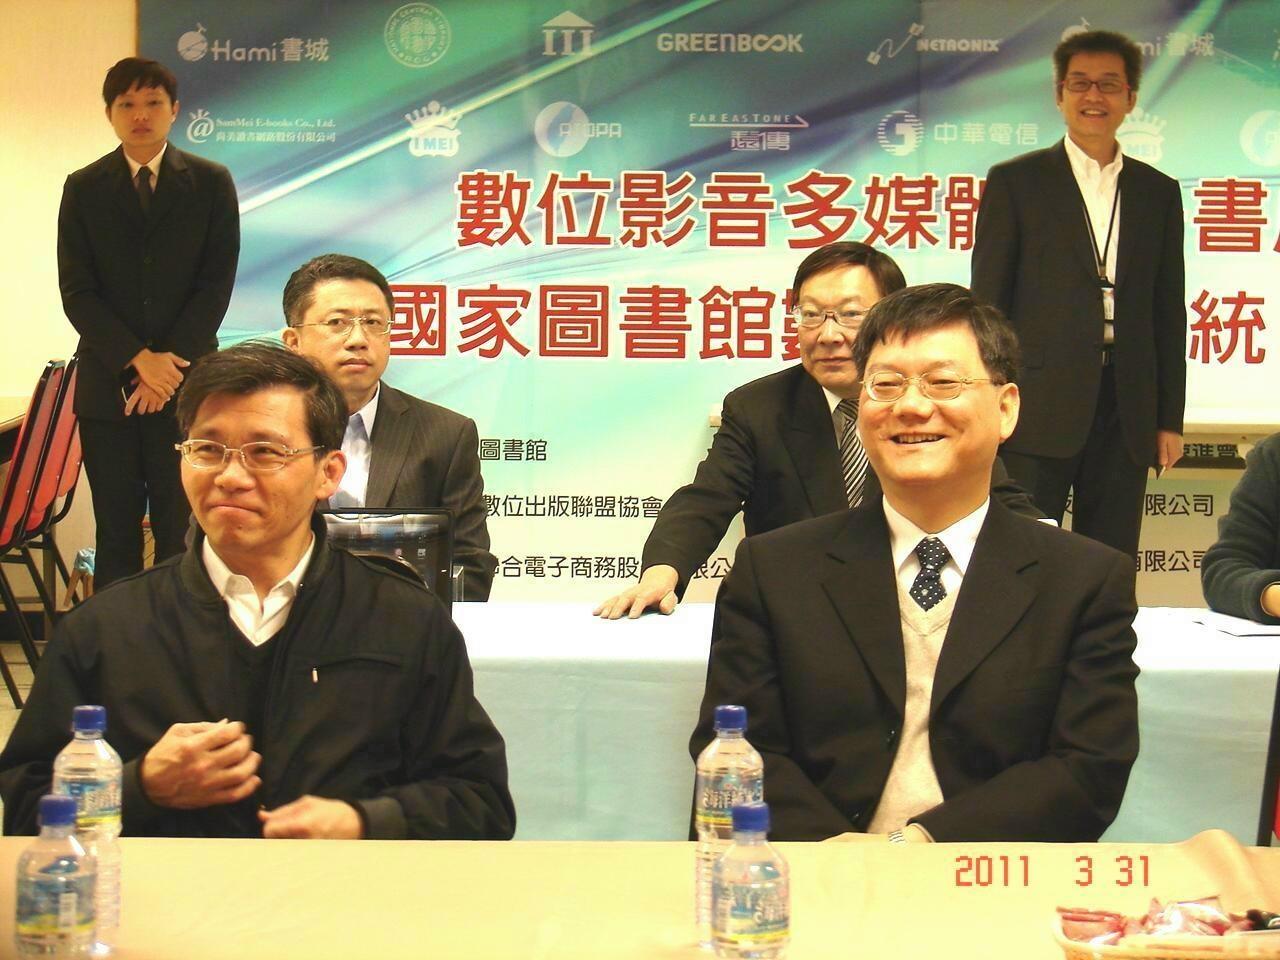 經濟部工業局長杜紫軍一行,31日拜訪台灣電子書製作投入最積極的「義美聯電公司」聽取簡報。